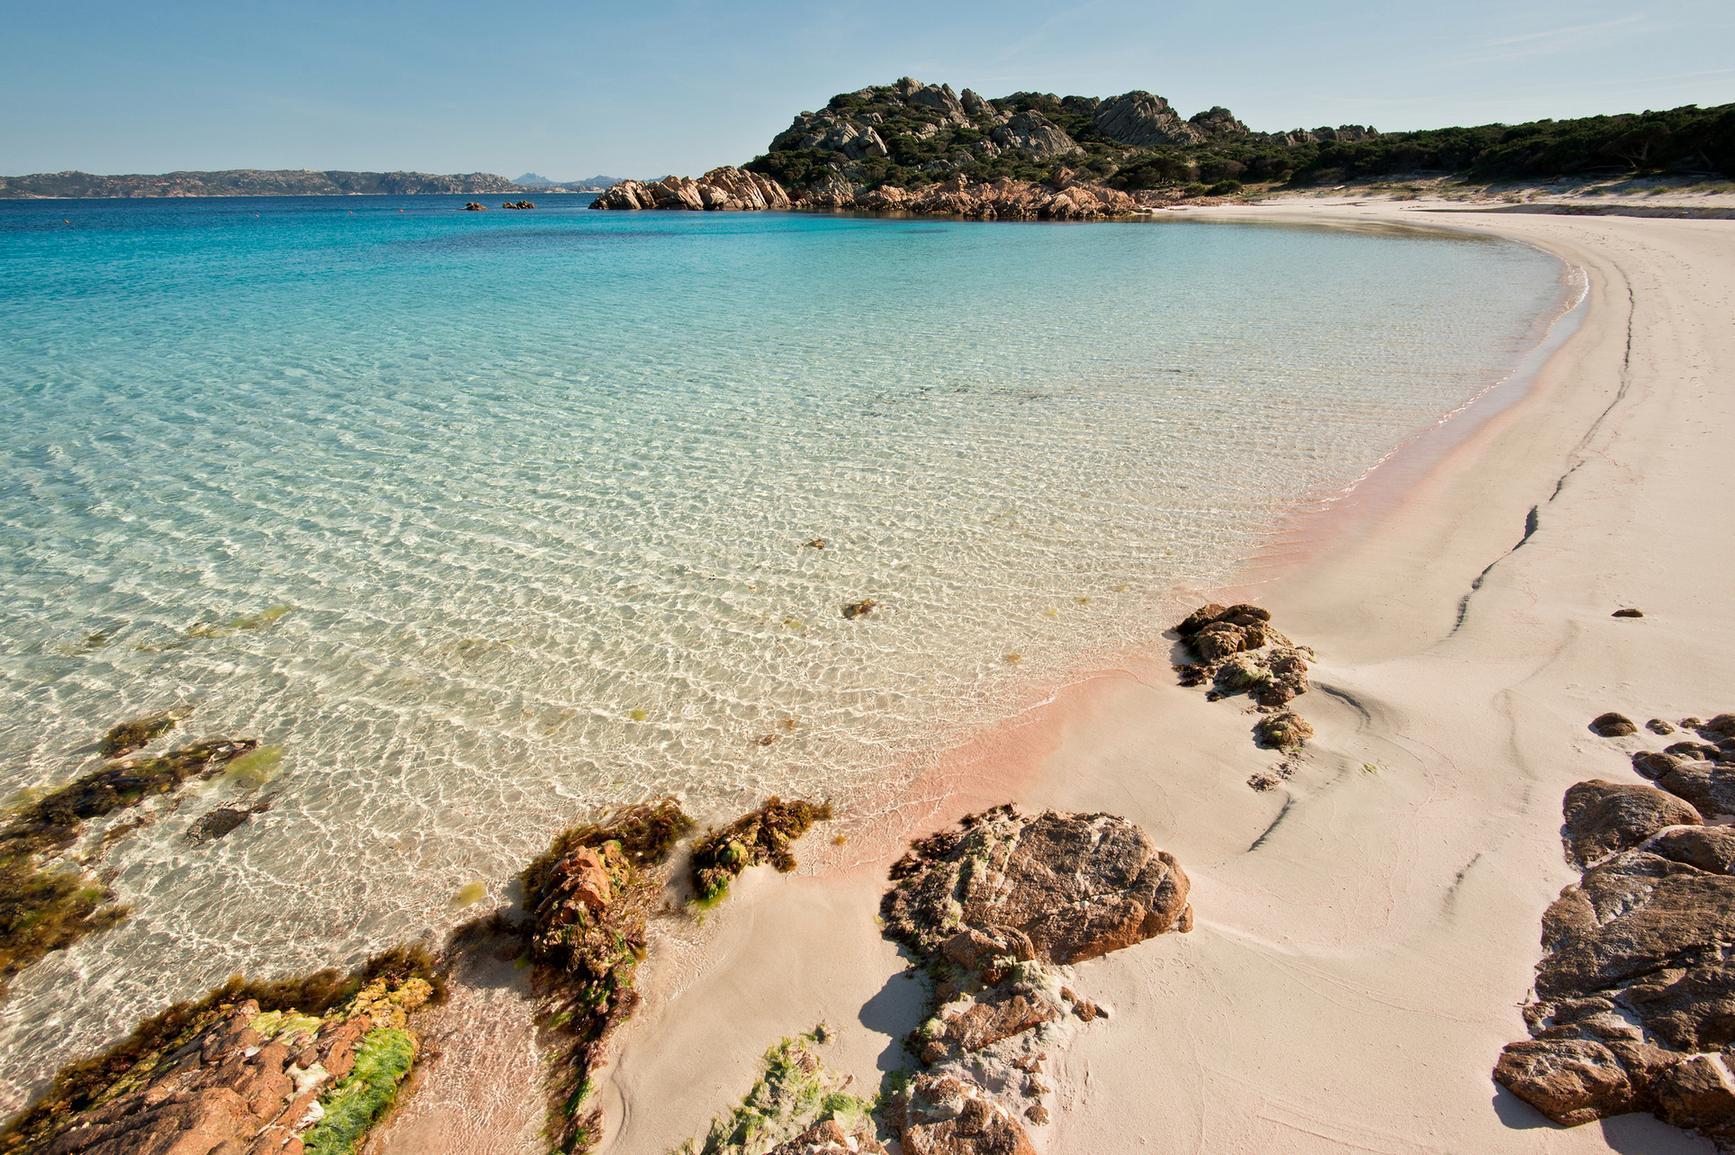 Scenografie naturali di un isola da film sardegnaturismo - Immagini da colorare la spiaggia ...